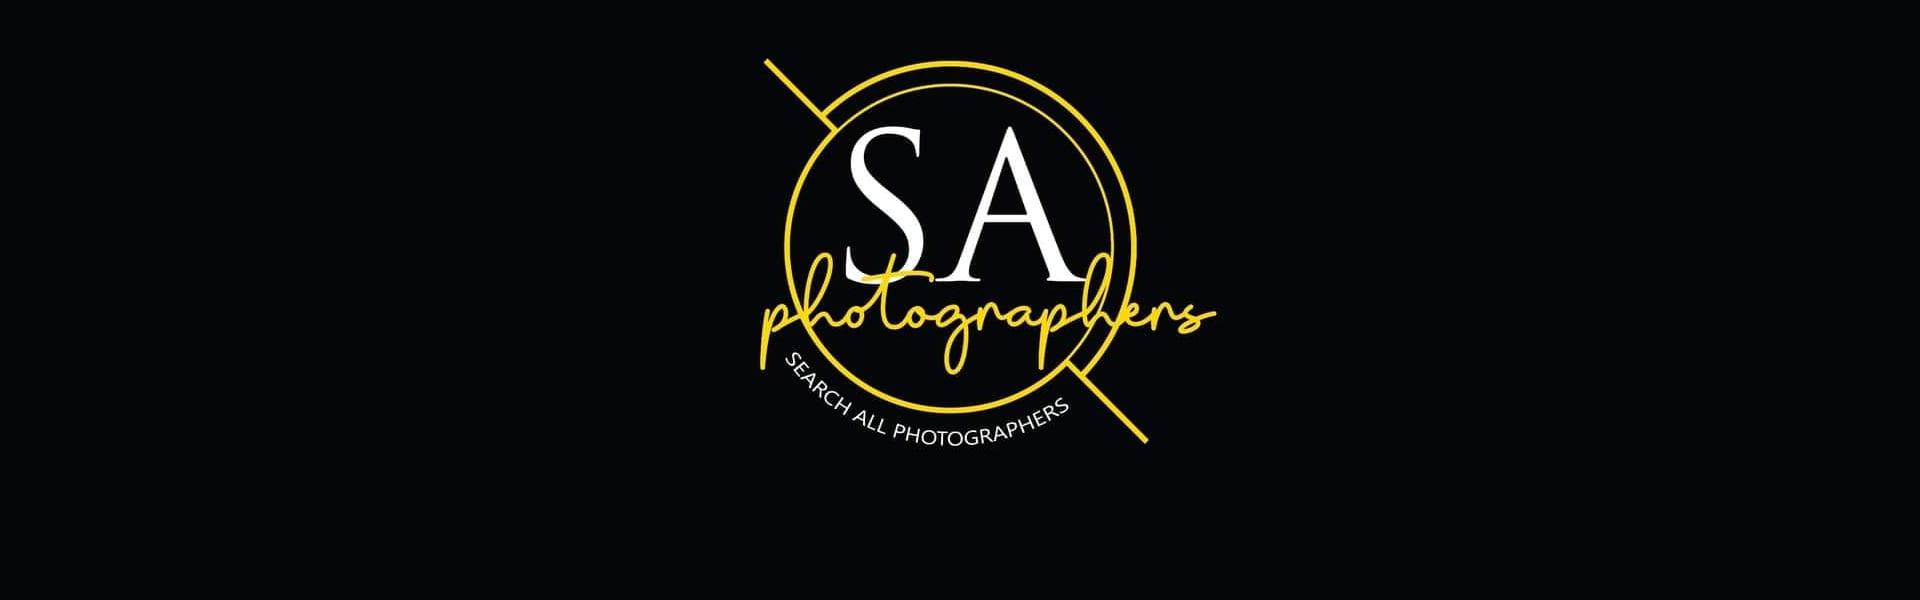 SA Photographers